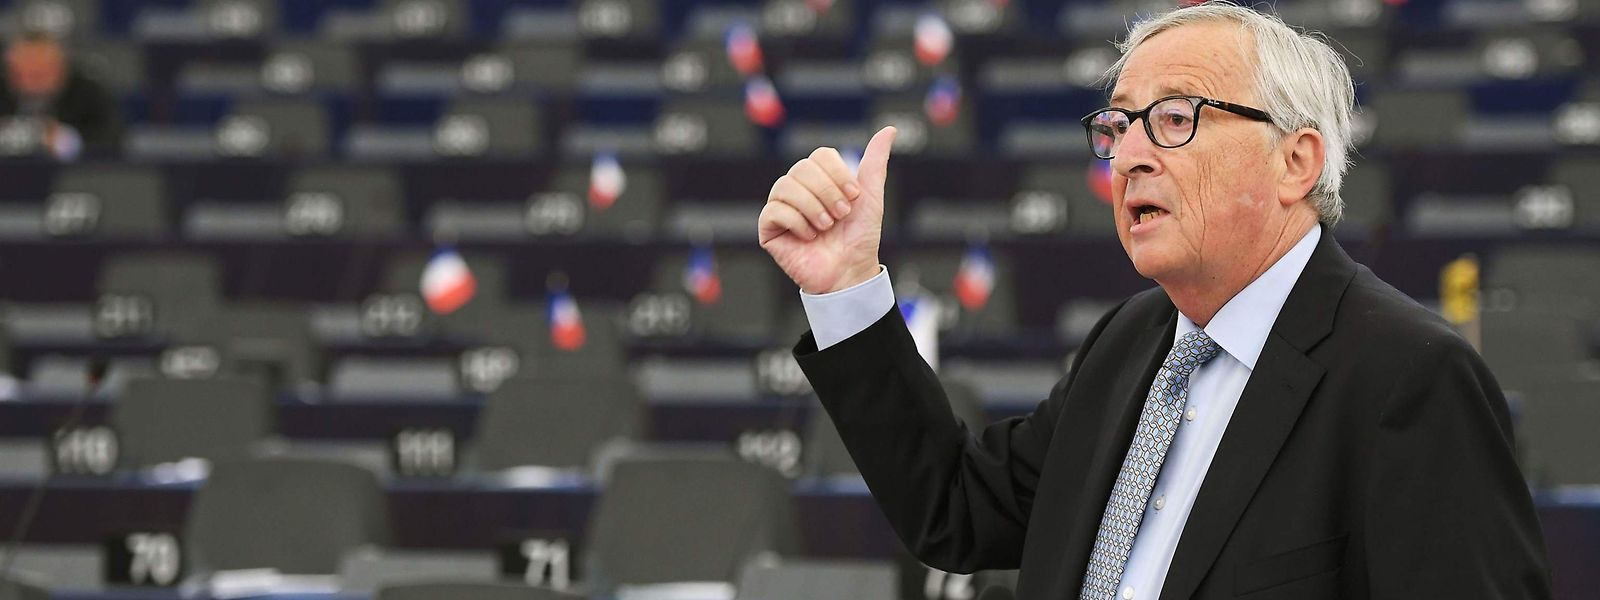 Während Junckers Rede blieben erstaunlich viele Plätze im Plenum des EU-Parlaments leer.